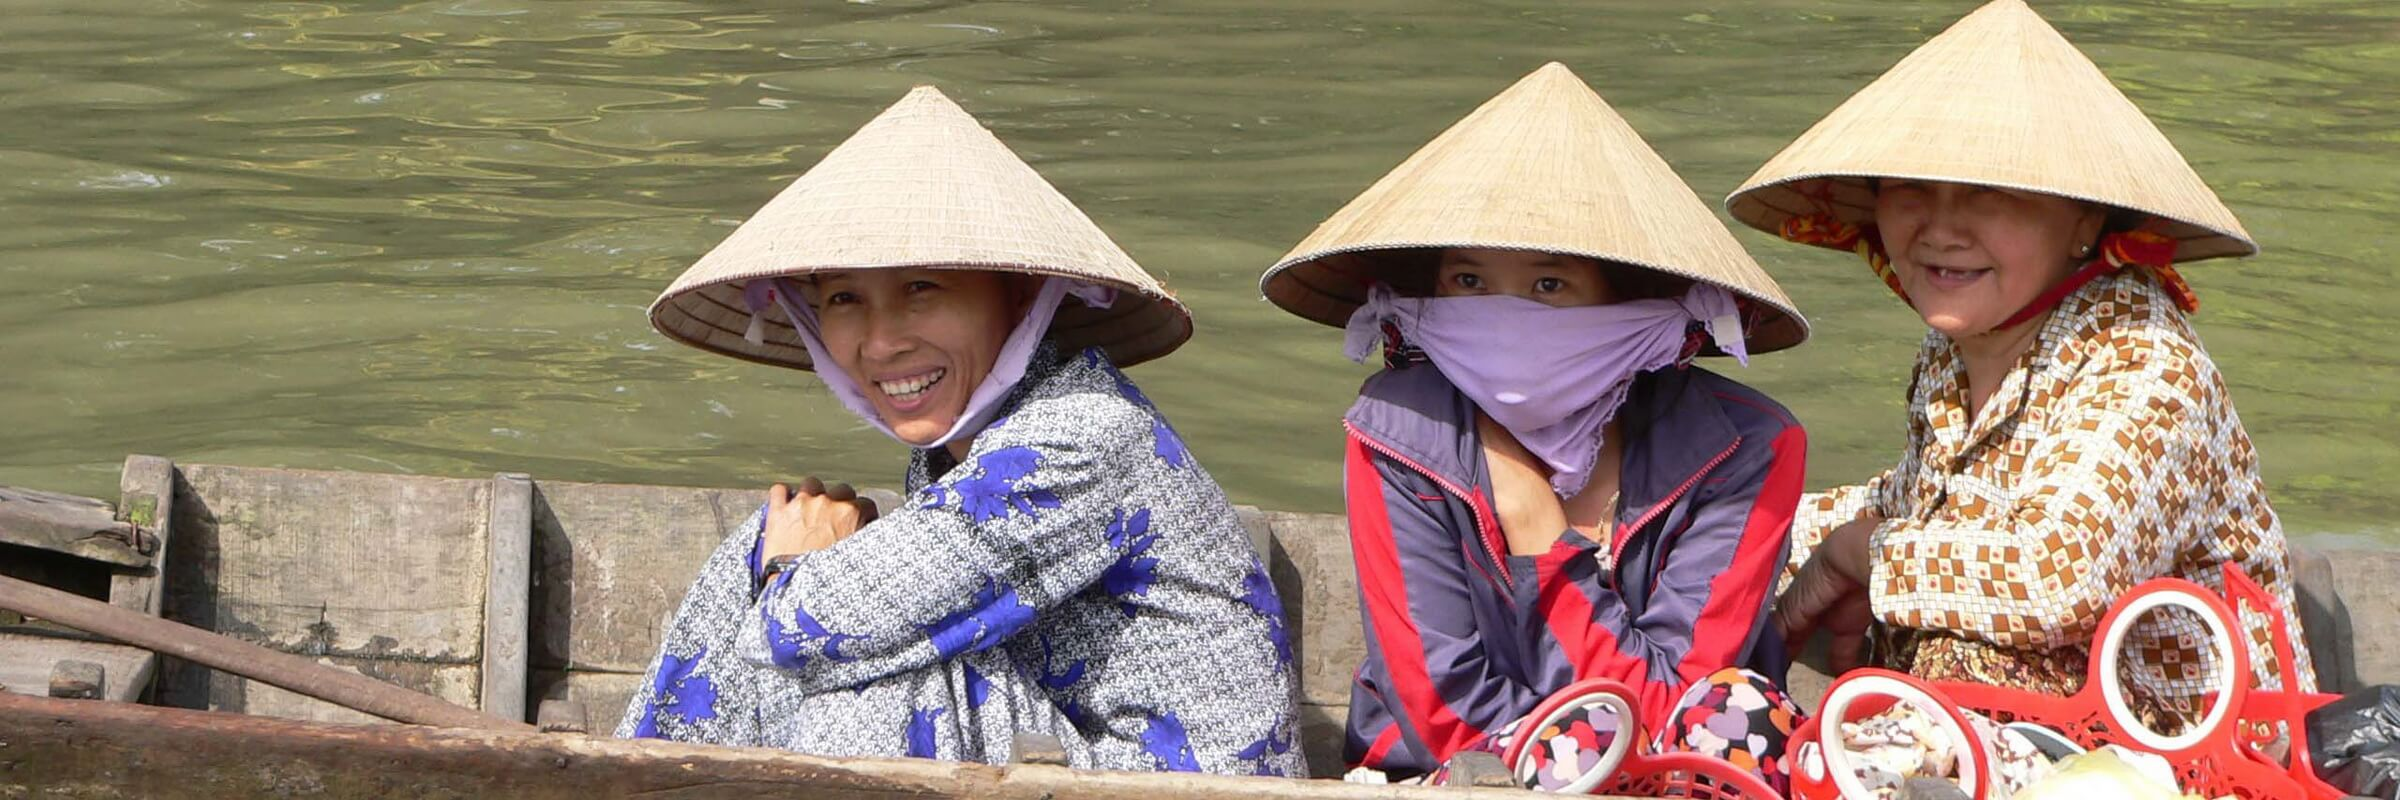 Eine Gruppe Frauen ist in einem Boot in Cần Thơ im Mekong Delta unterwegs.